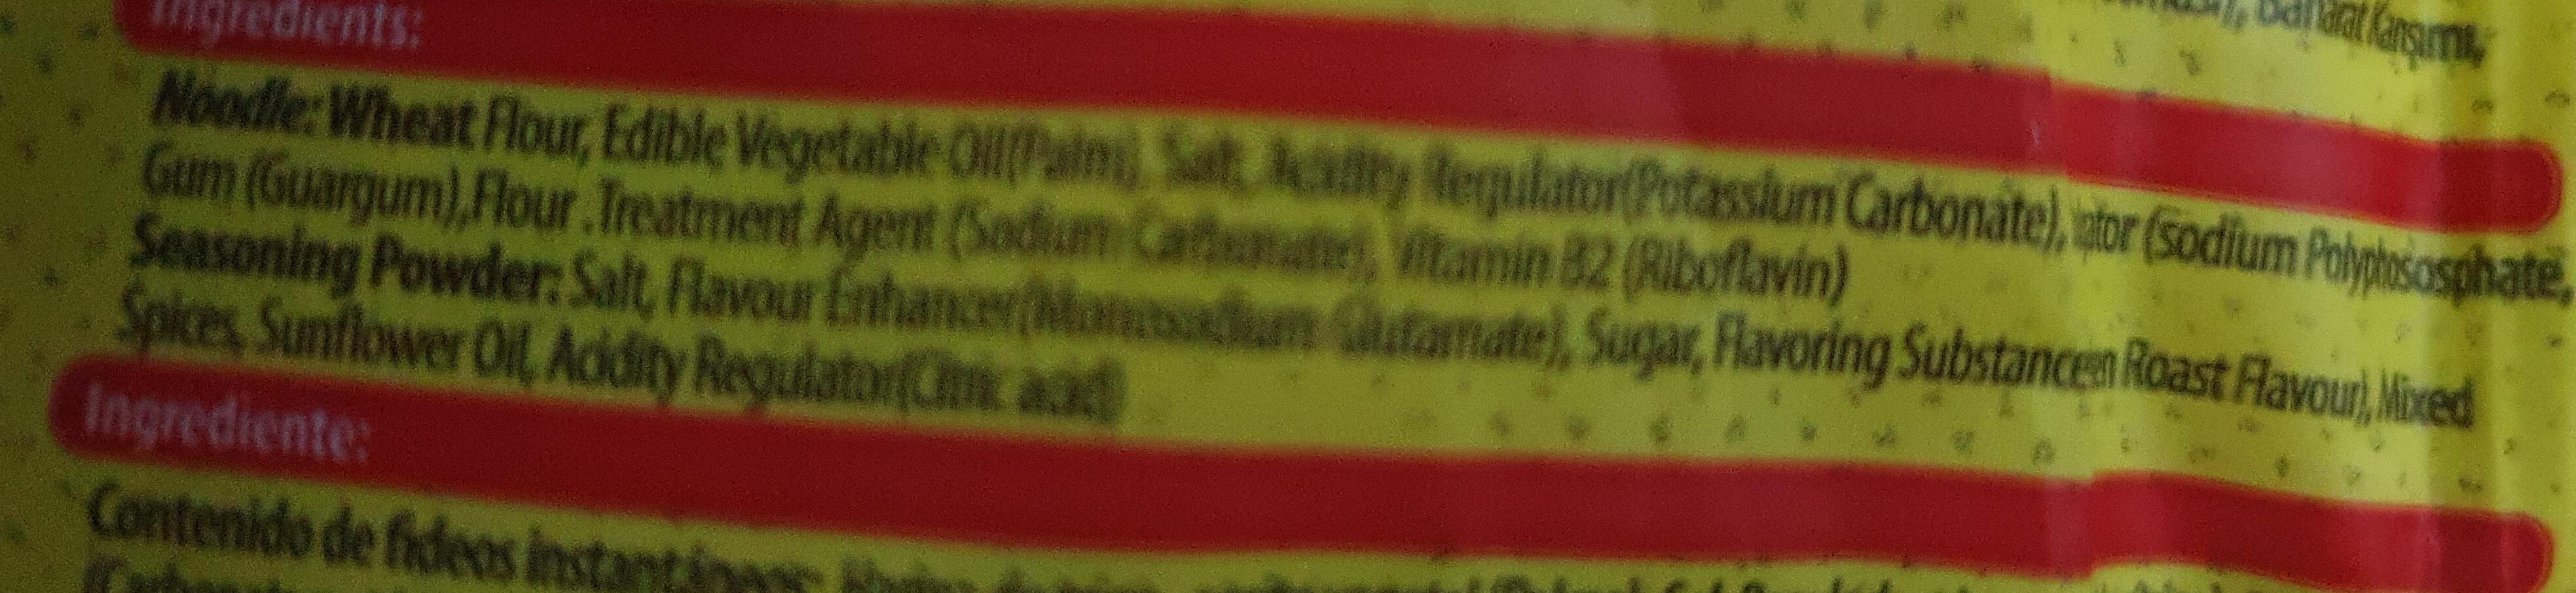 instant noodle - Ingrédients - en